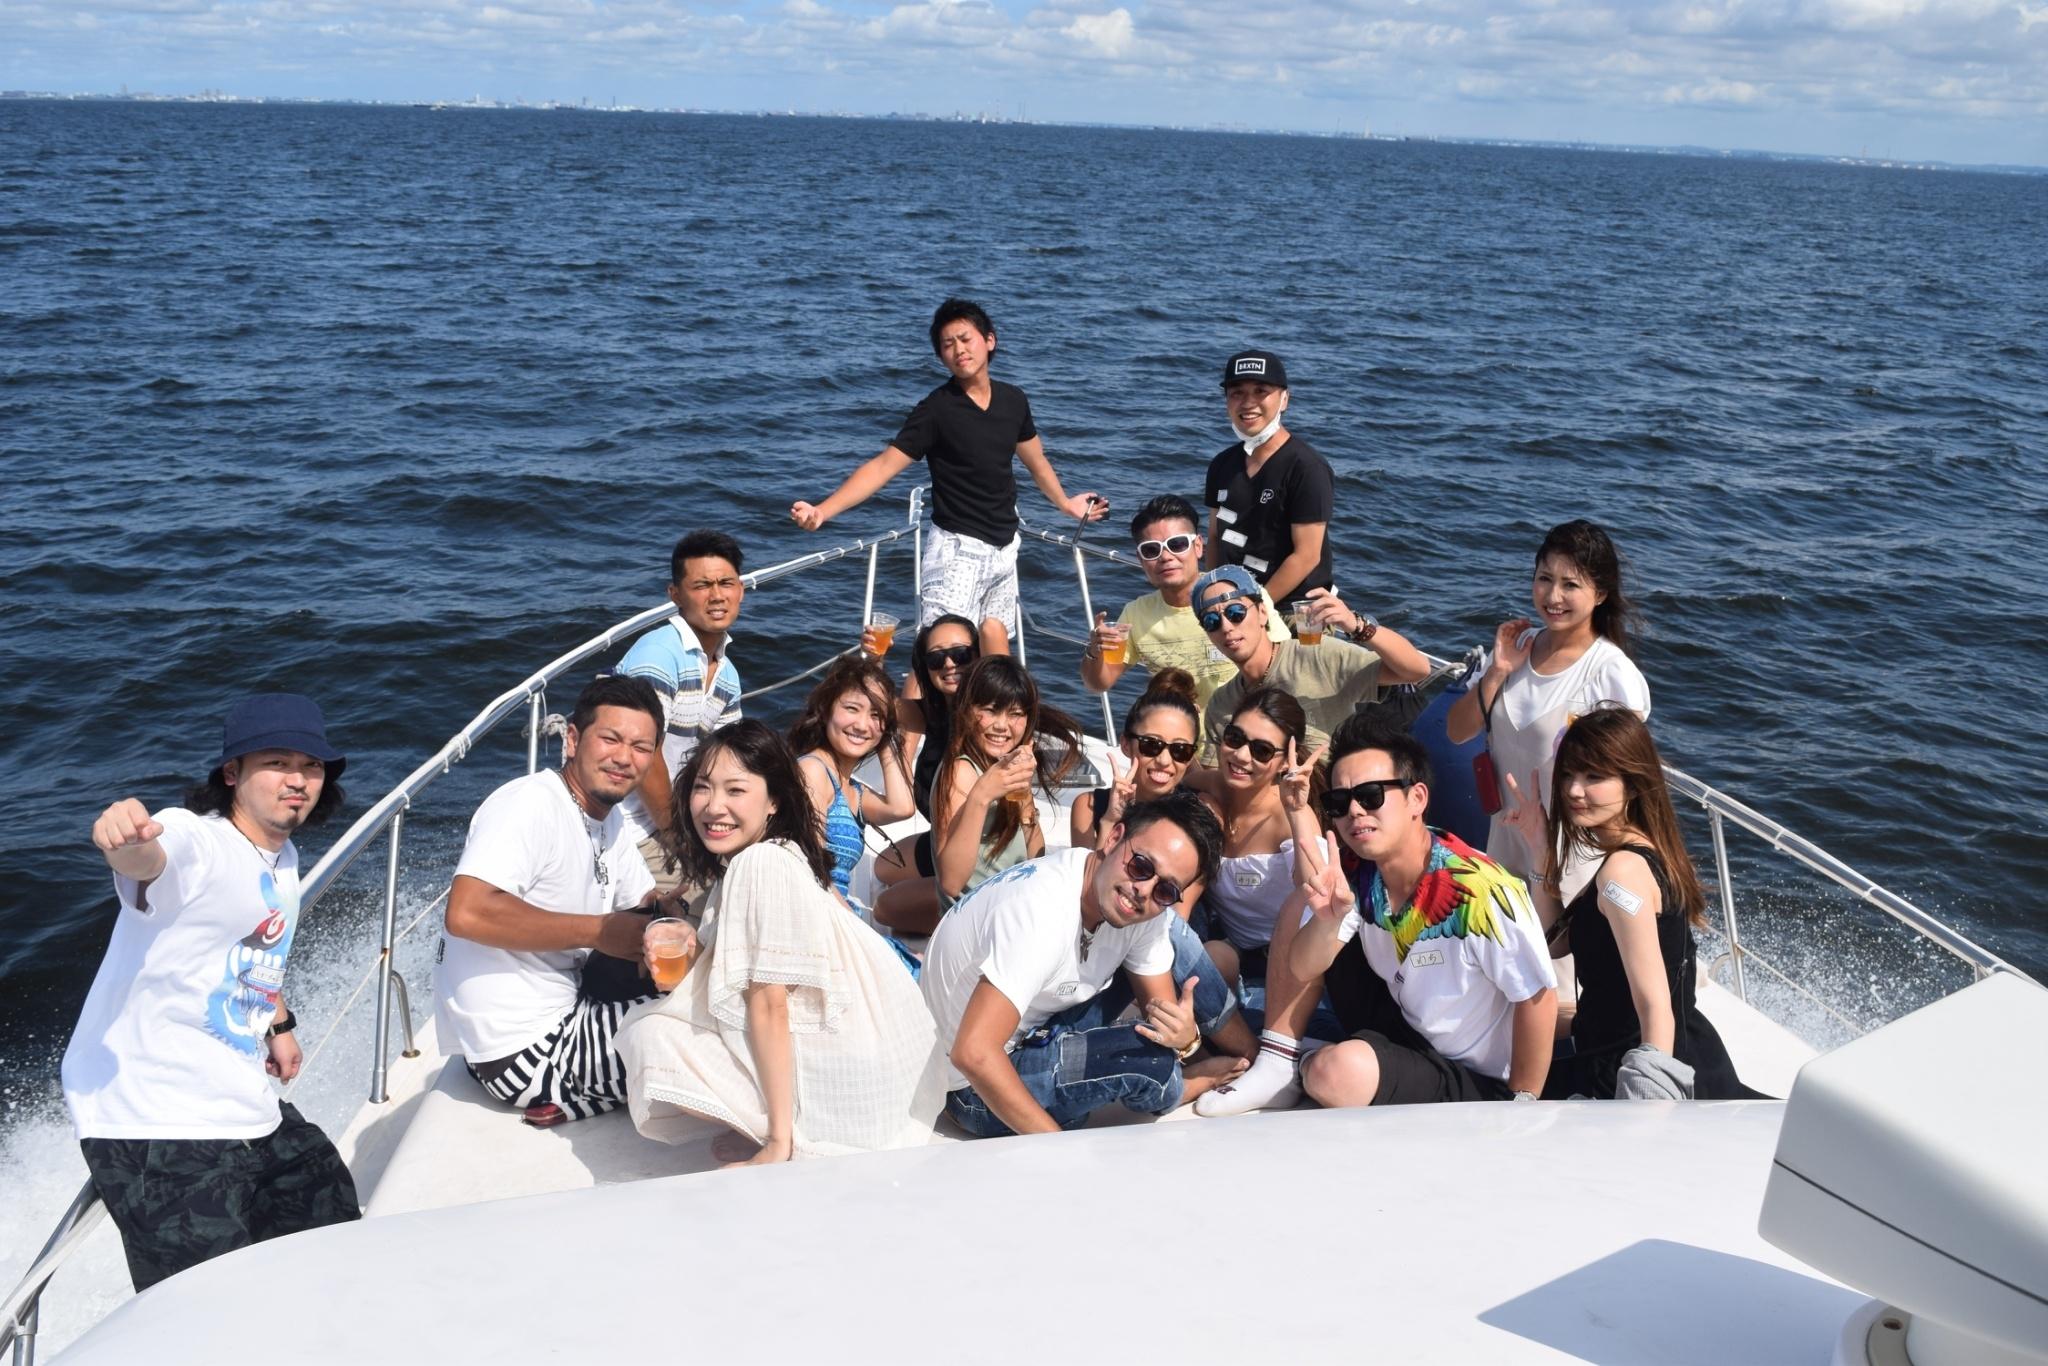 海を背景にしたクルーザー前部デッキでの集合写真